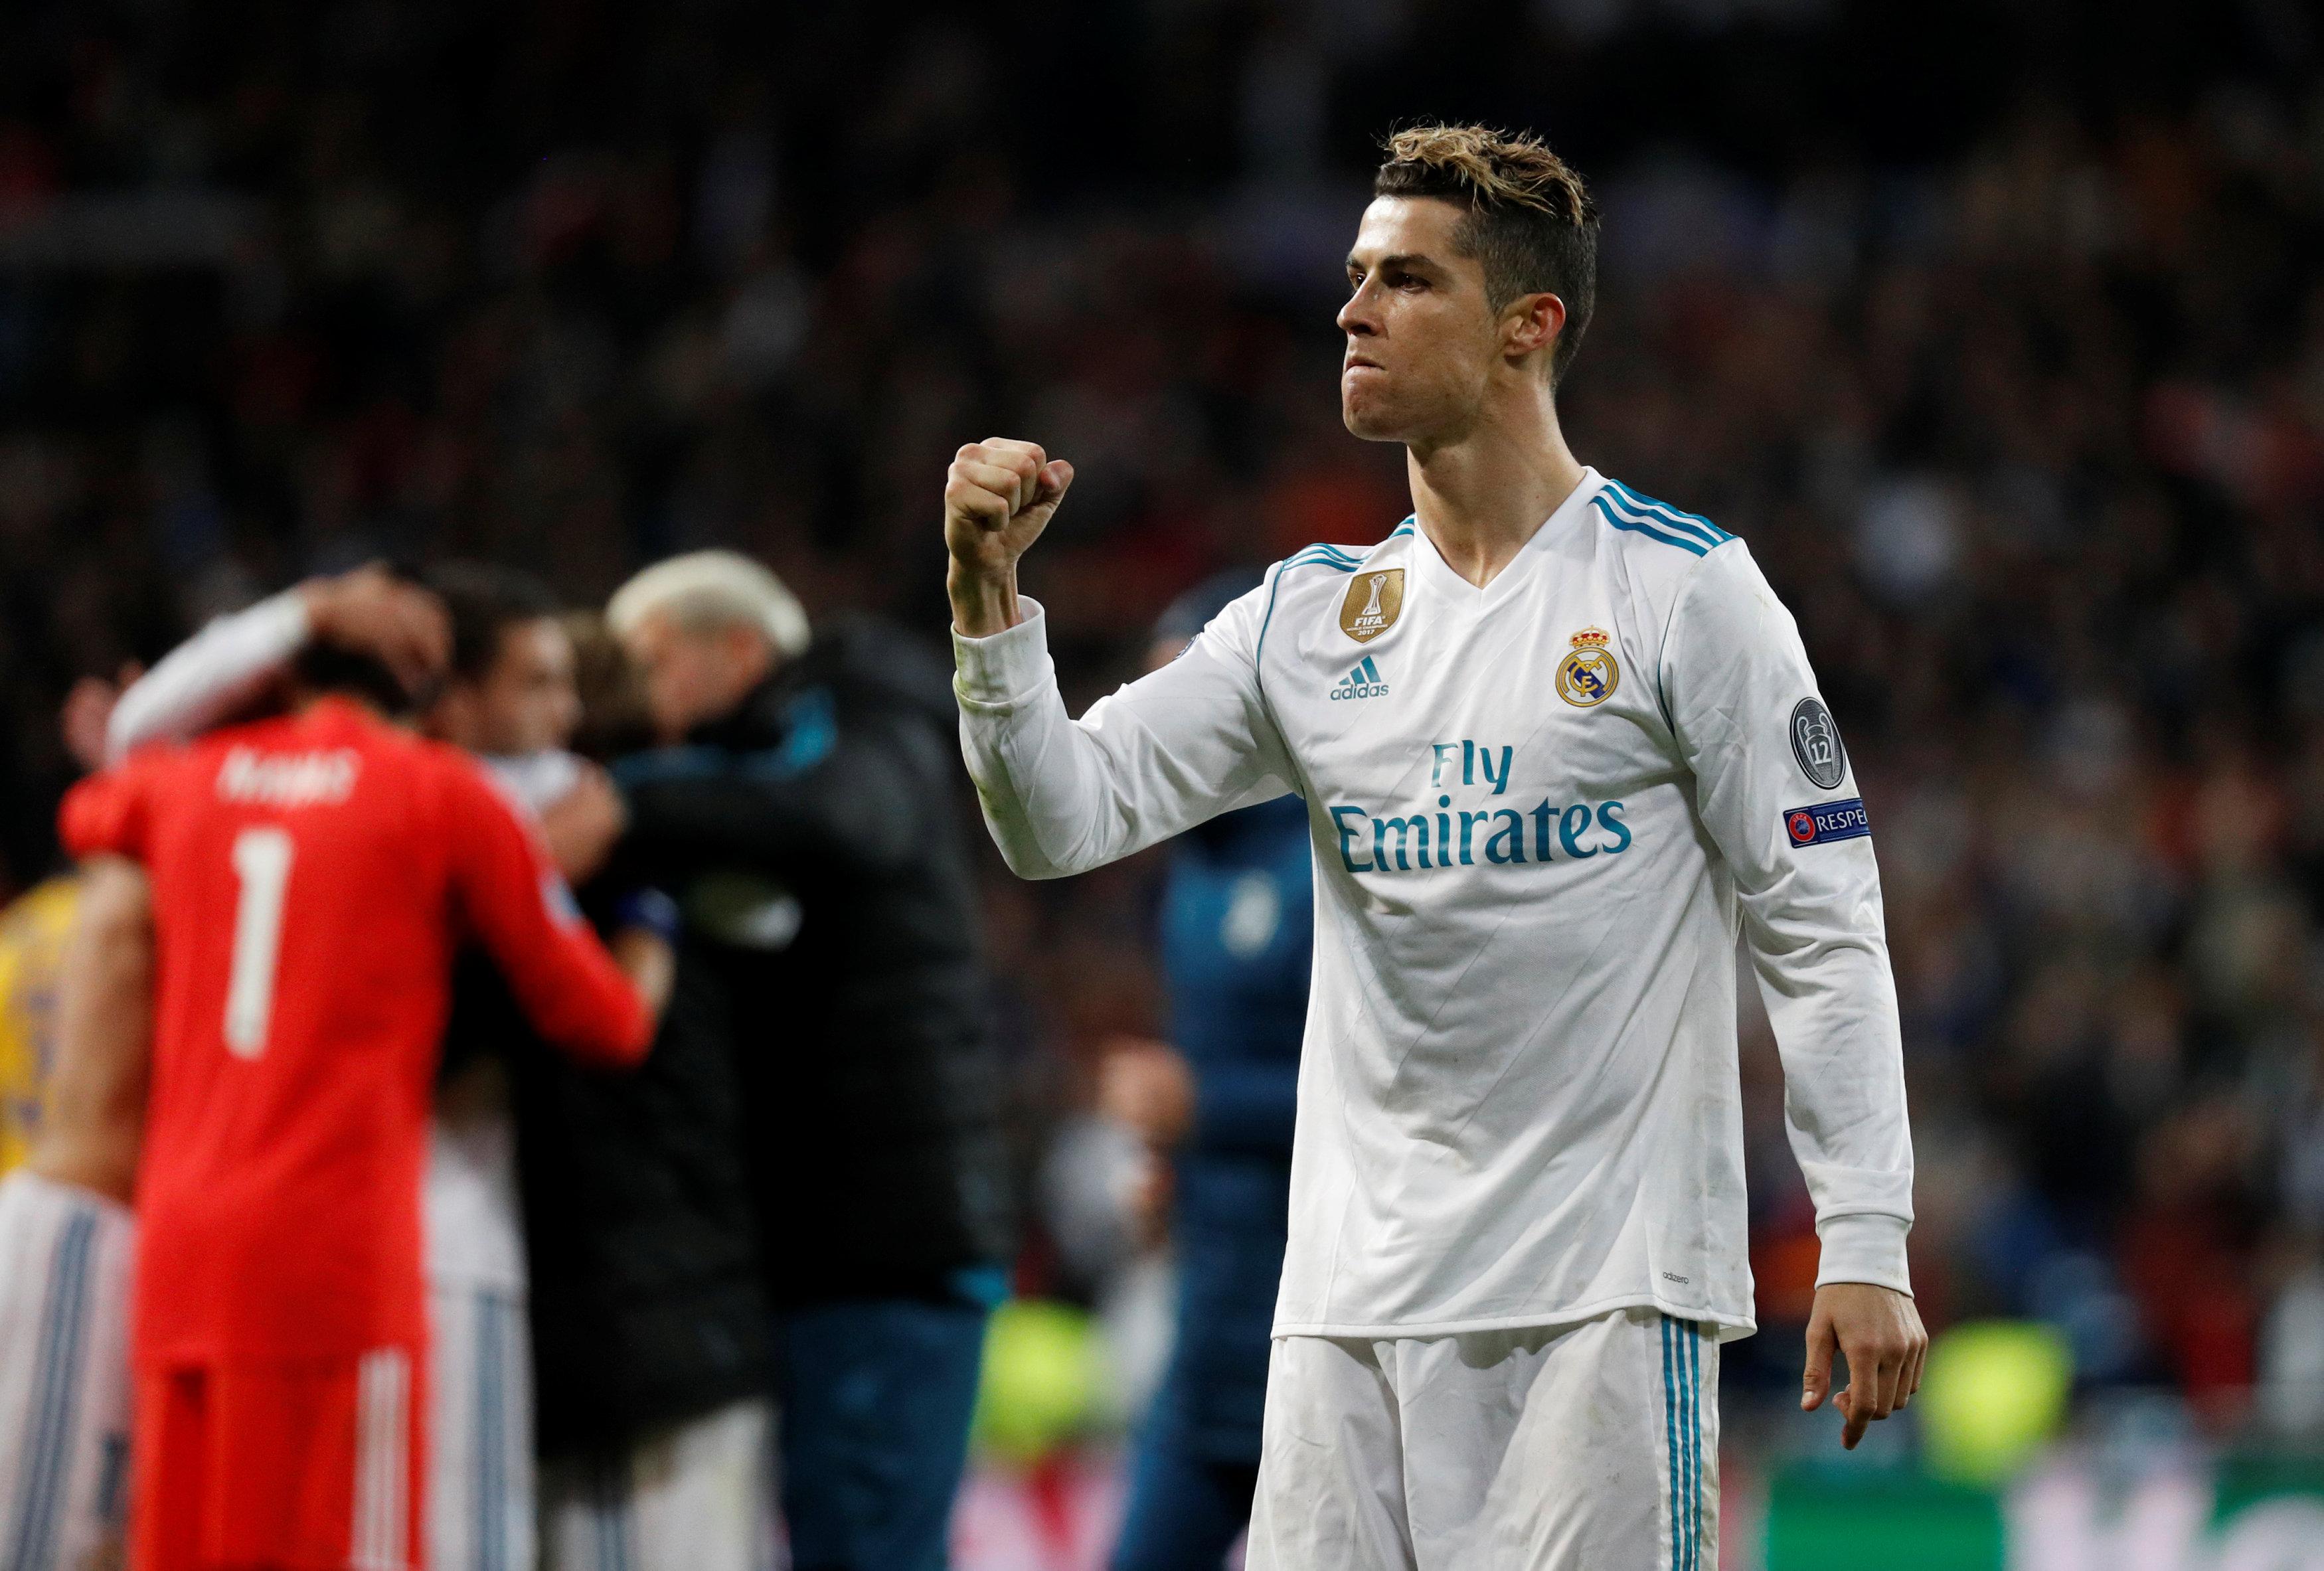 رونالدو أكثر لاعب تحقيقاً للانتصارات